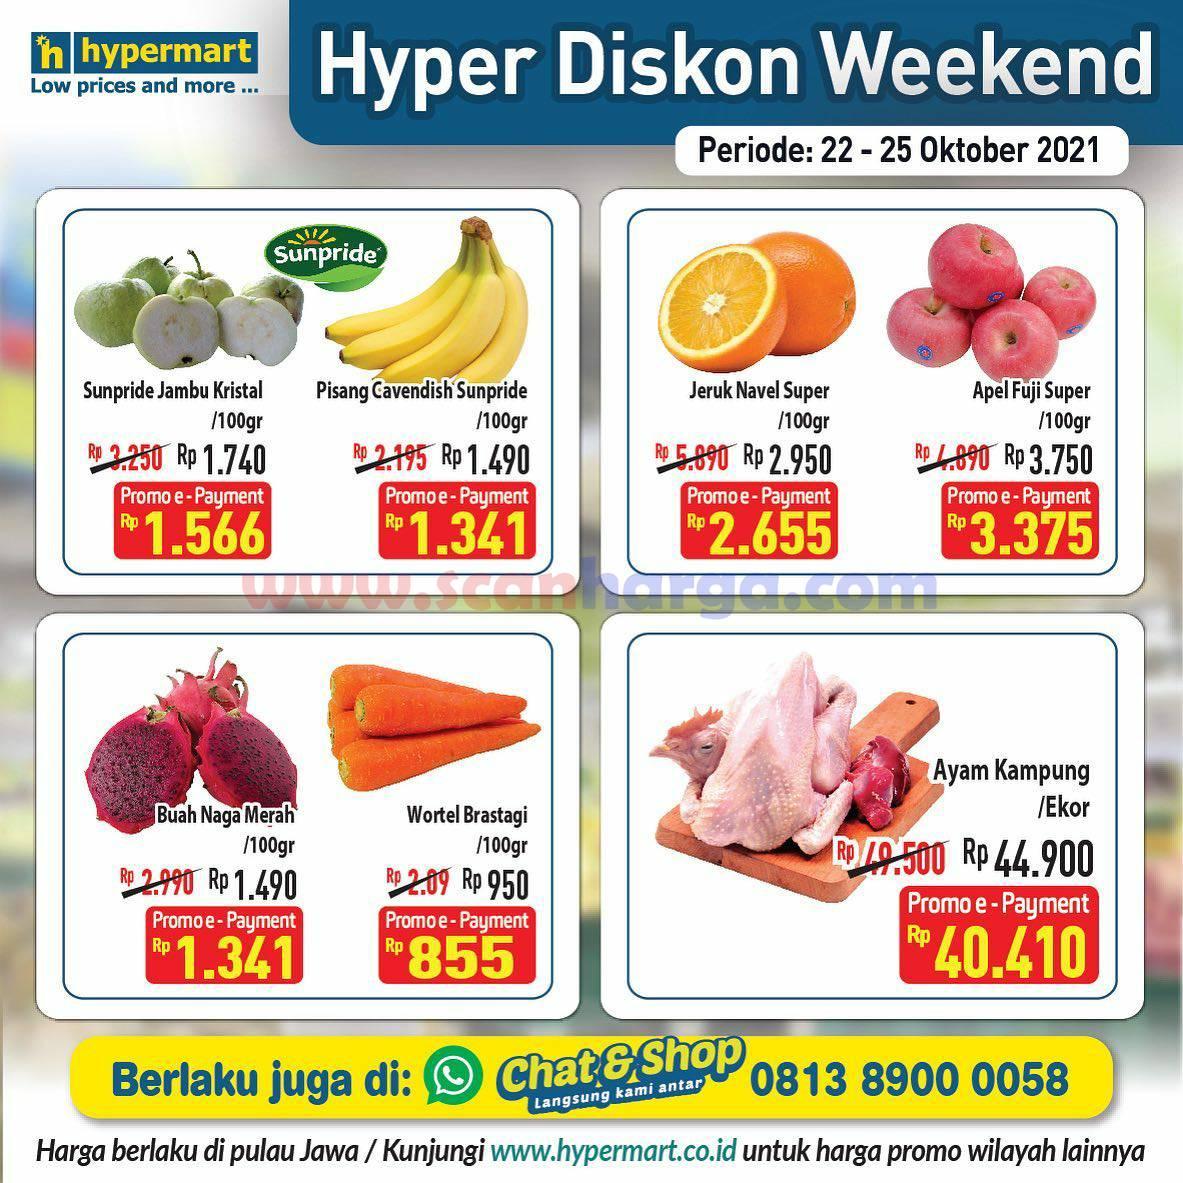 Promo Hypermart Weekend Terbaru 22 - 25 Oktober 2021 2